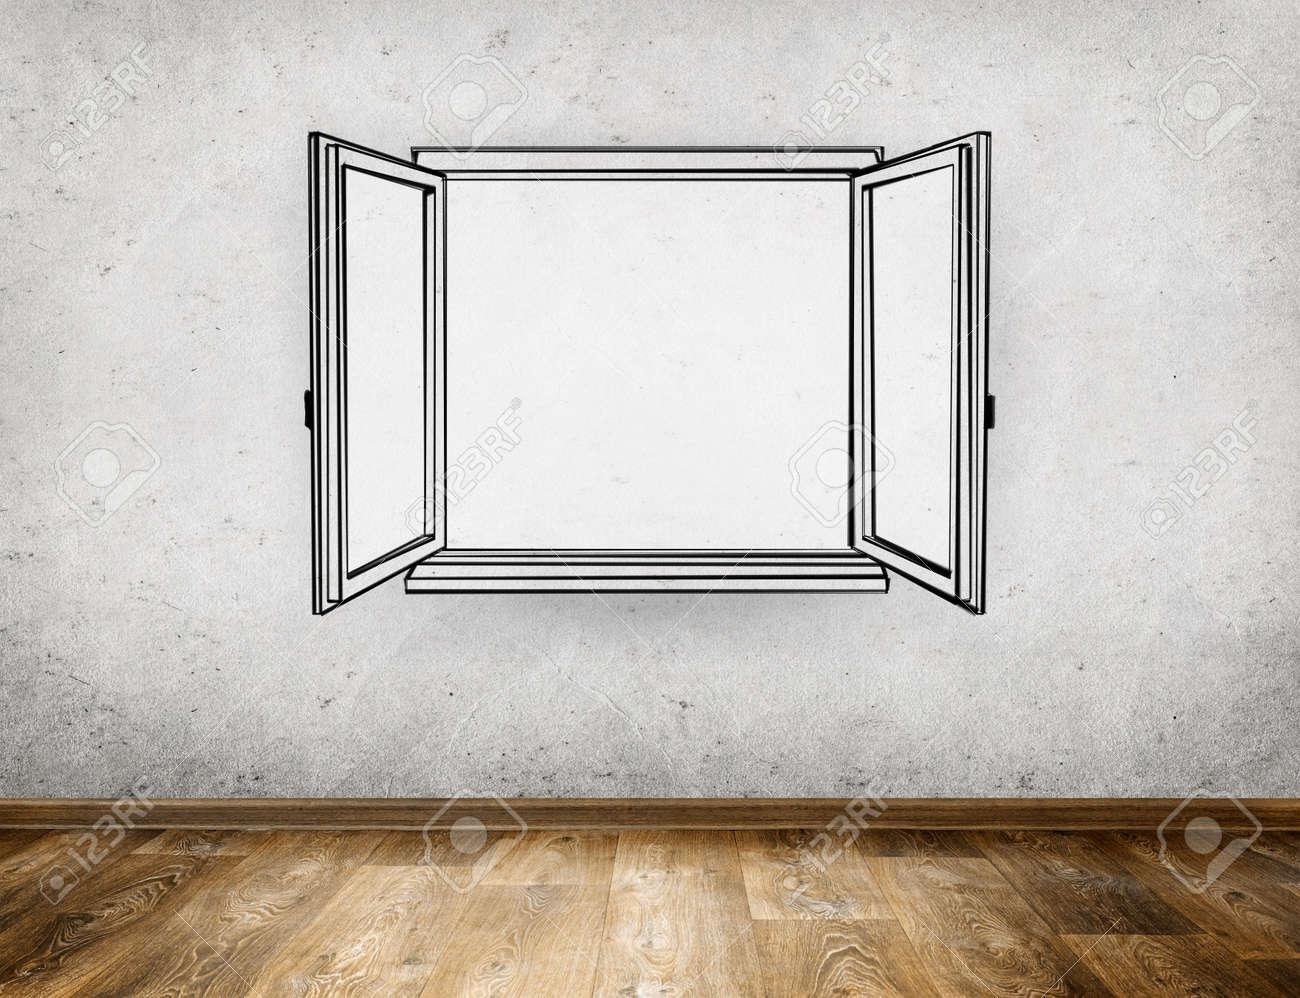 Offenes fenster zeichnen  Hand Zeichnen Offenen Fenster Aus Alten Raum Hintergrund ...